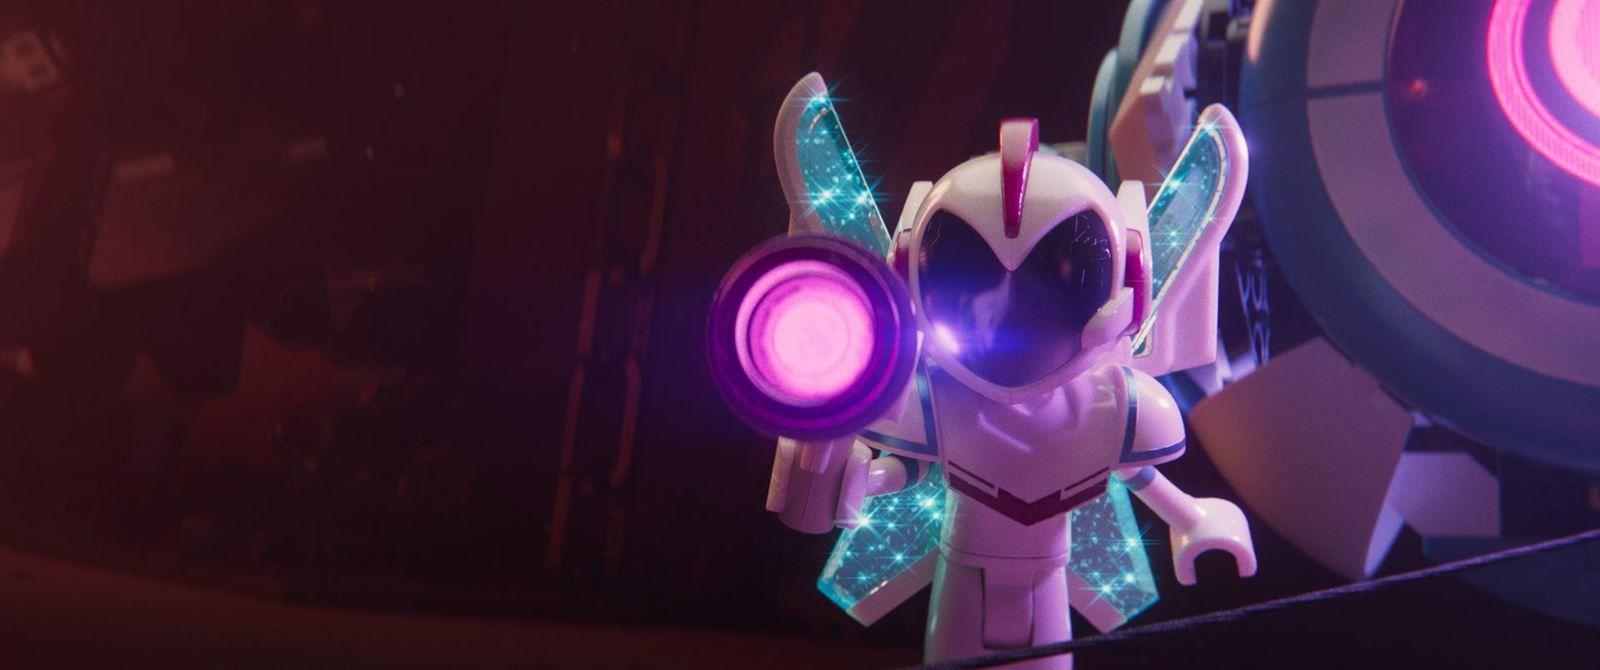 La Grande Aventure Lego 2 (NOUVELLE BANDE-ANNONCE) avec les voix de Arnaud Ducret / TAL - Le 20 février 2019 au cinéma